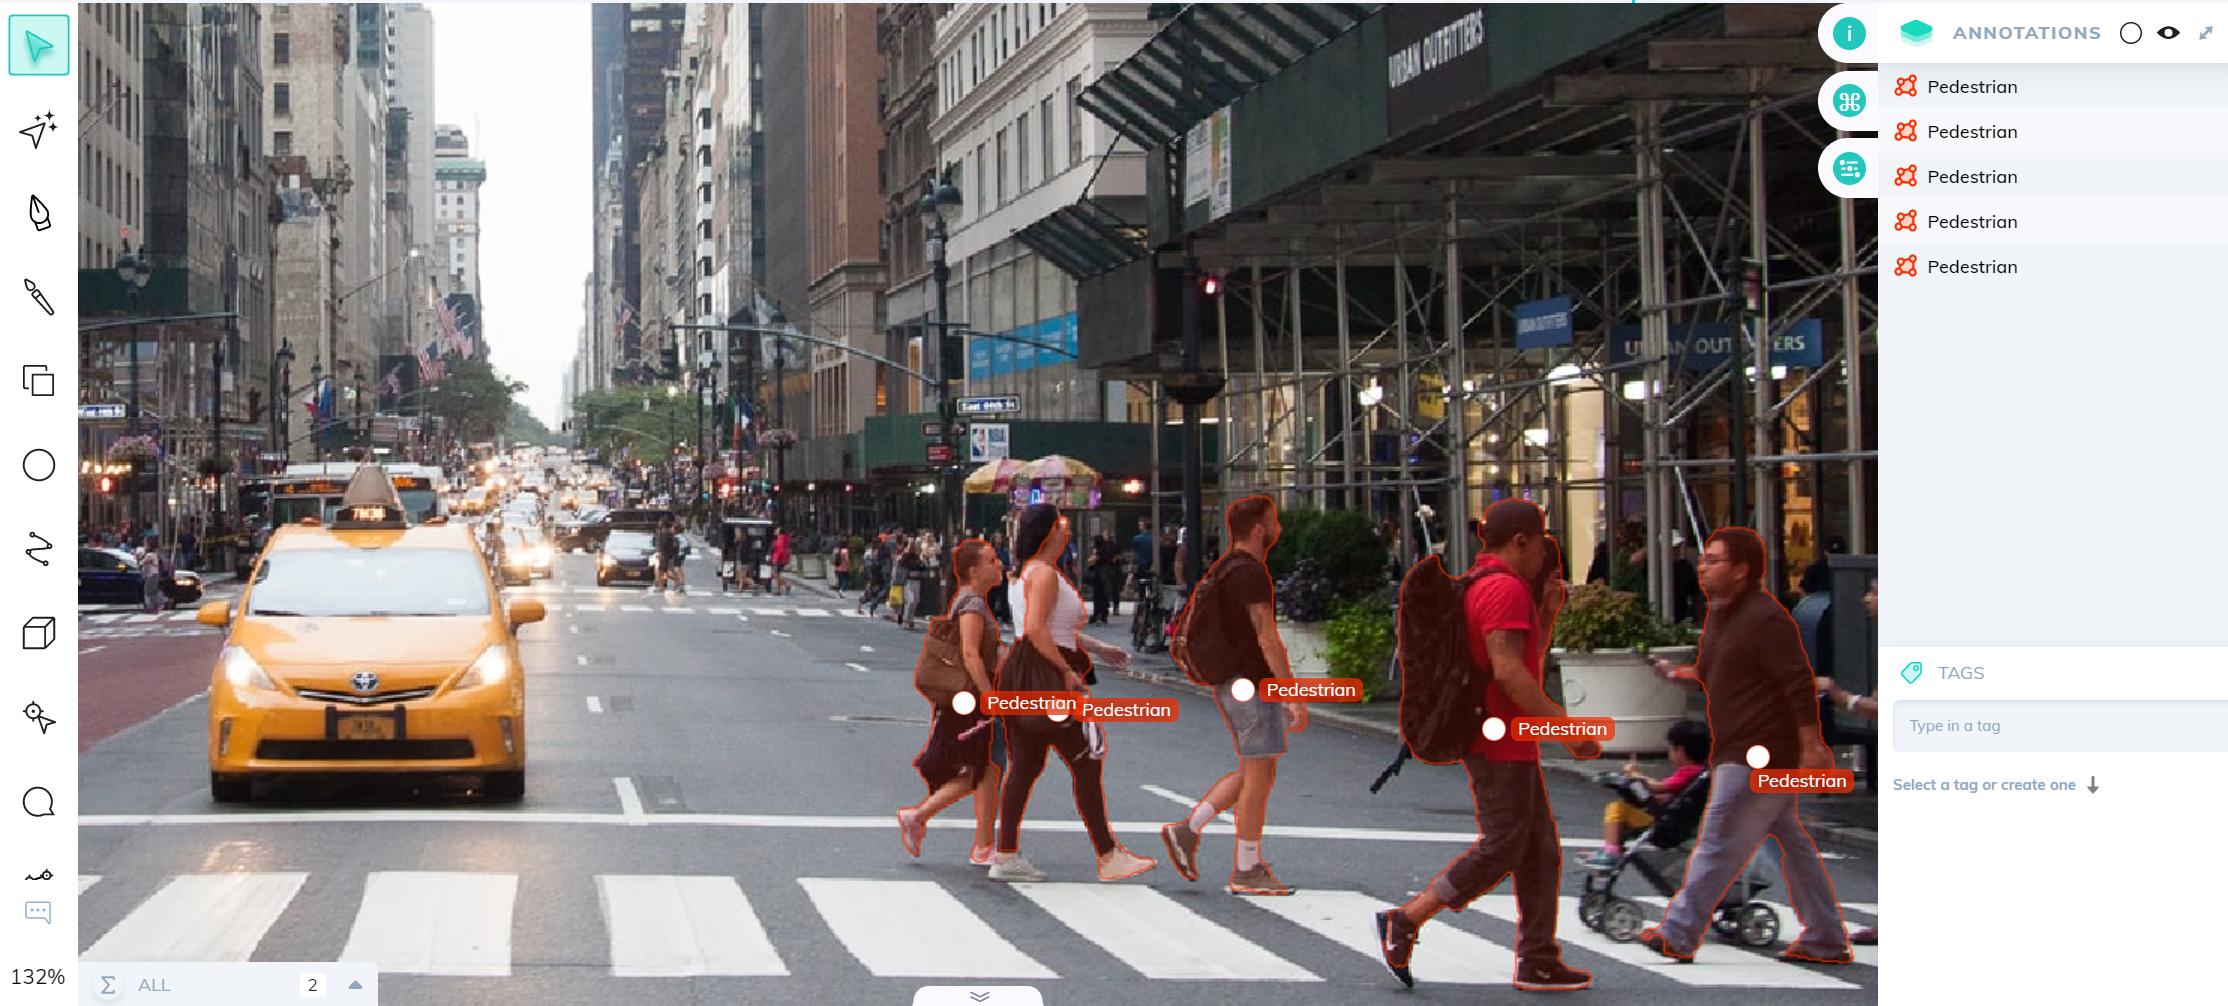 Image annotation of pedestrians for autonomous vehicles